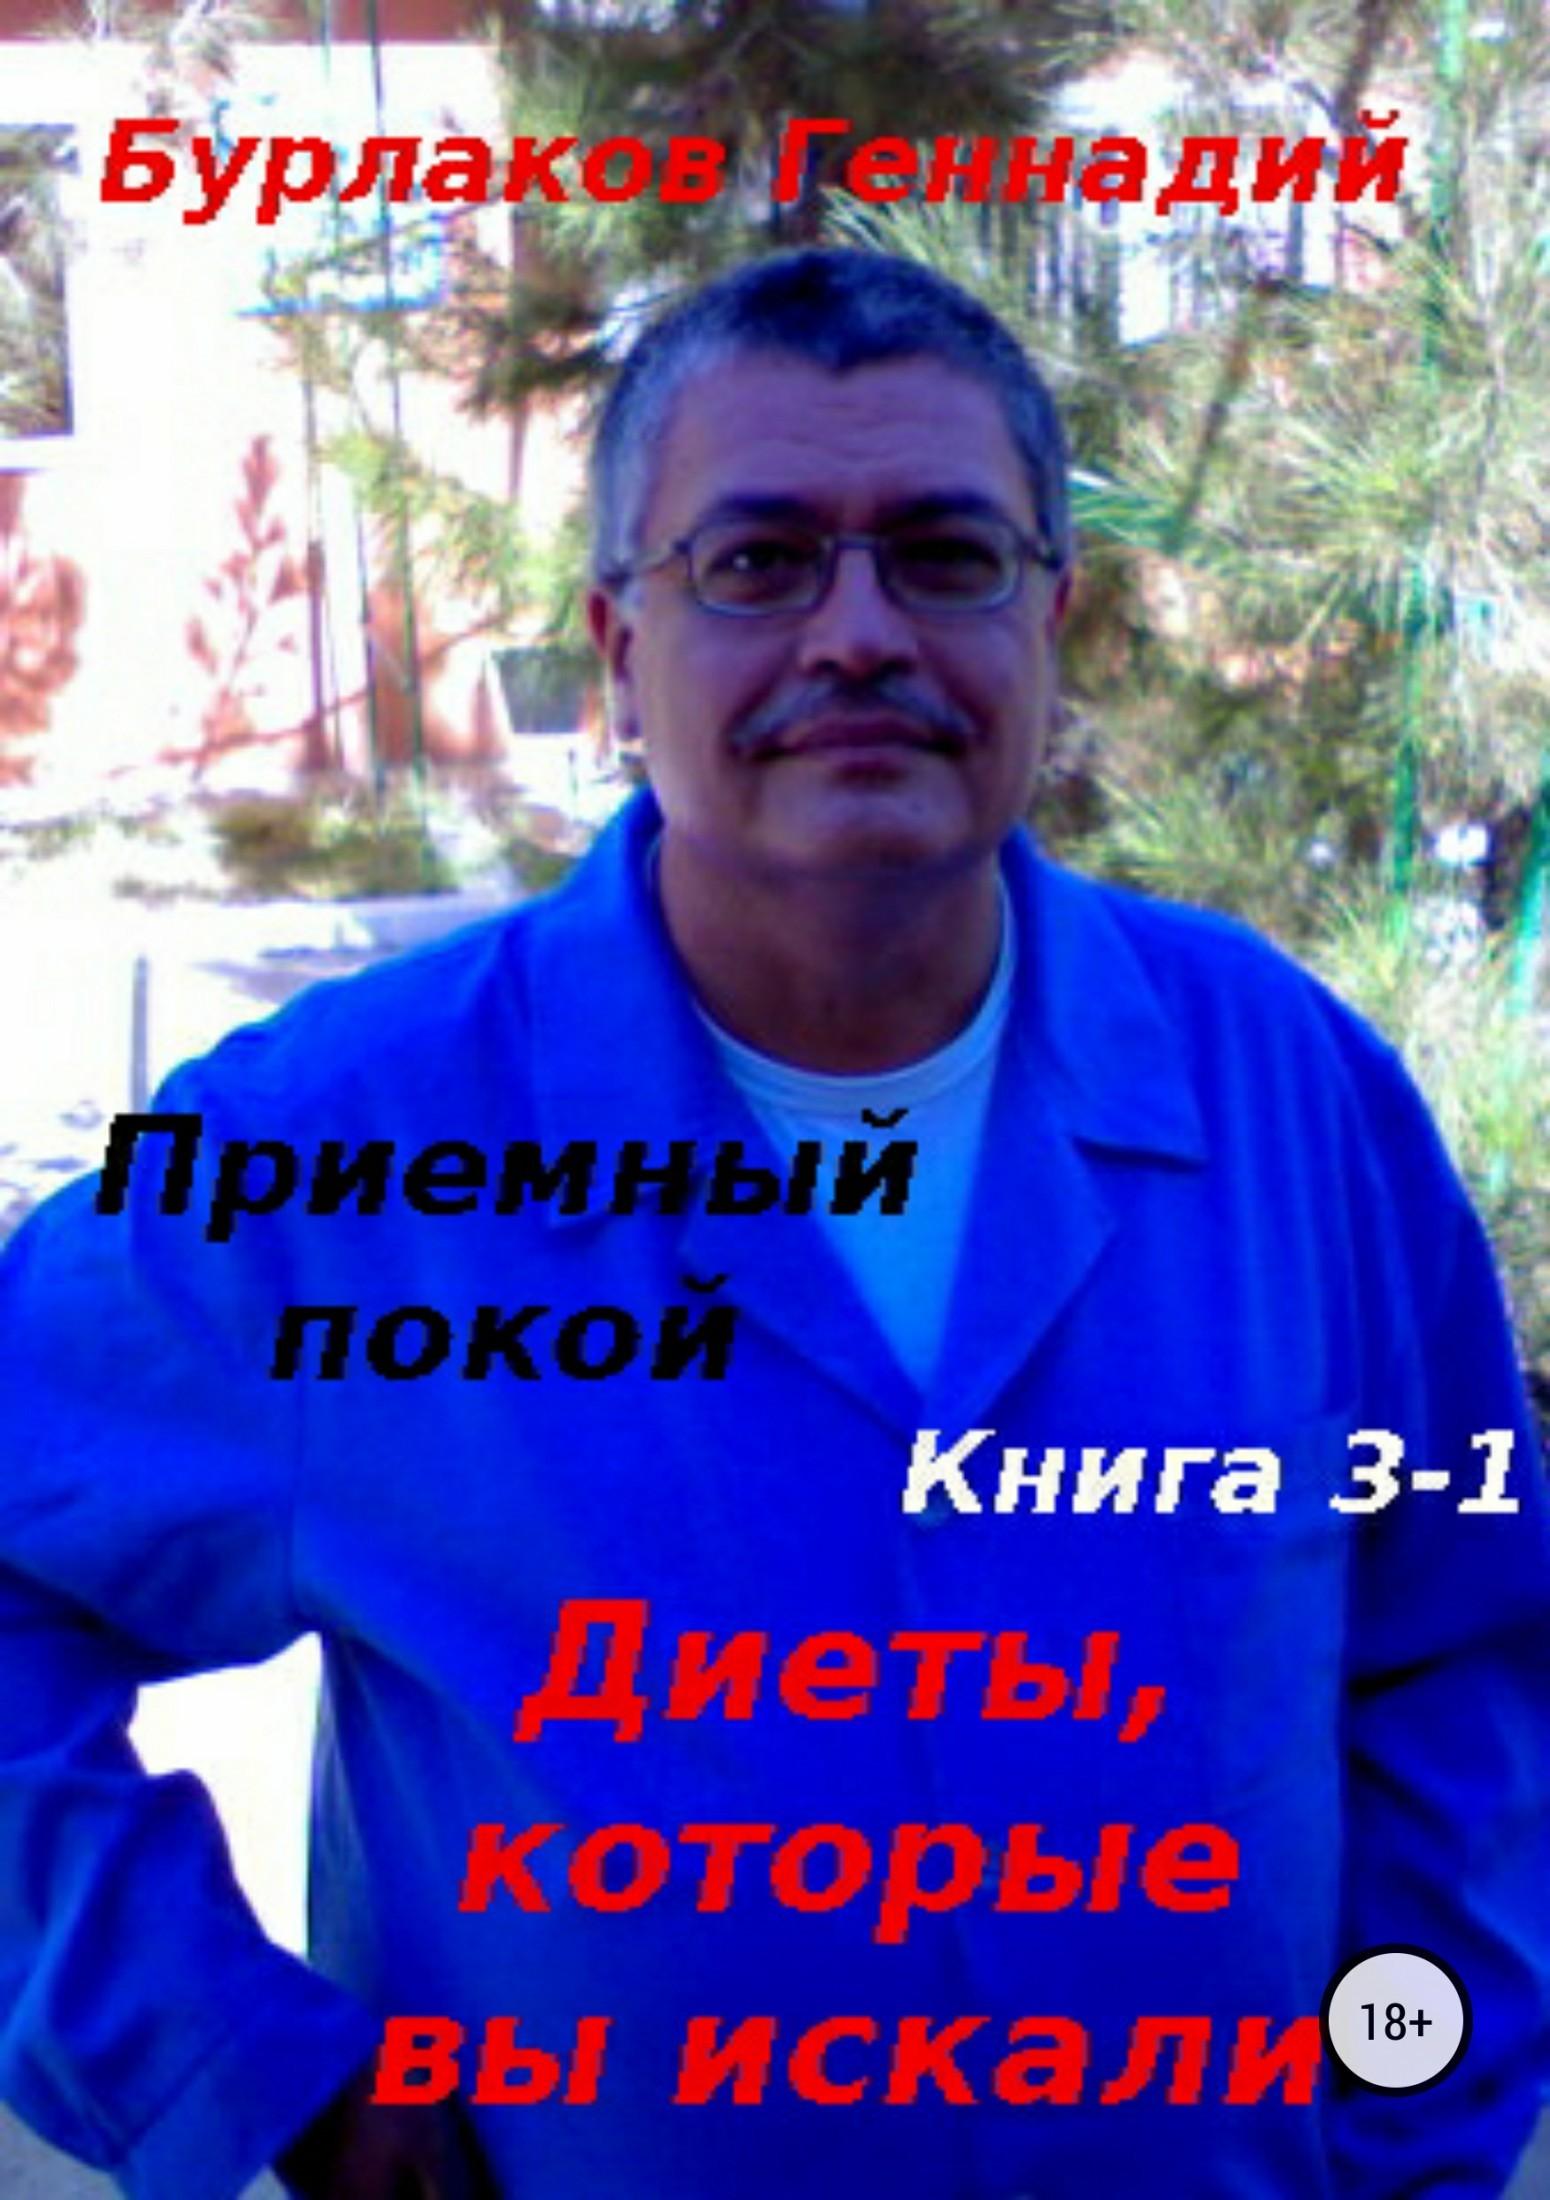 Геннадий Анатольевич Бурлаков Приемный покой. Книга 3-1. Диеты, которые вы искали